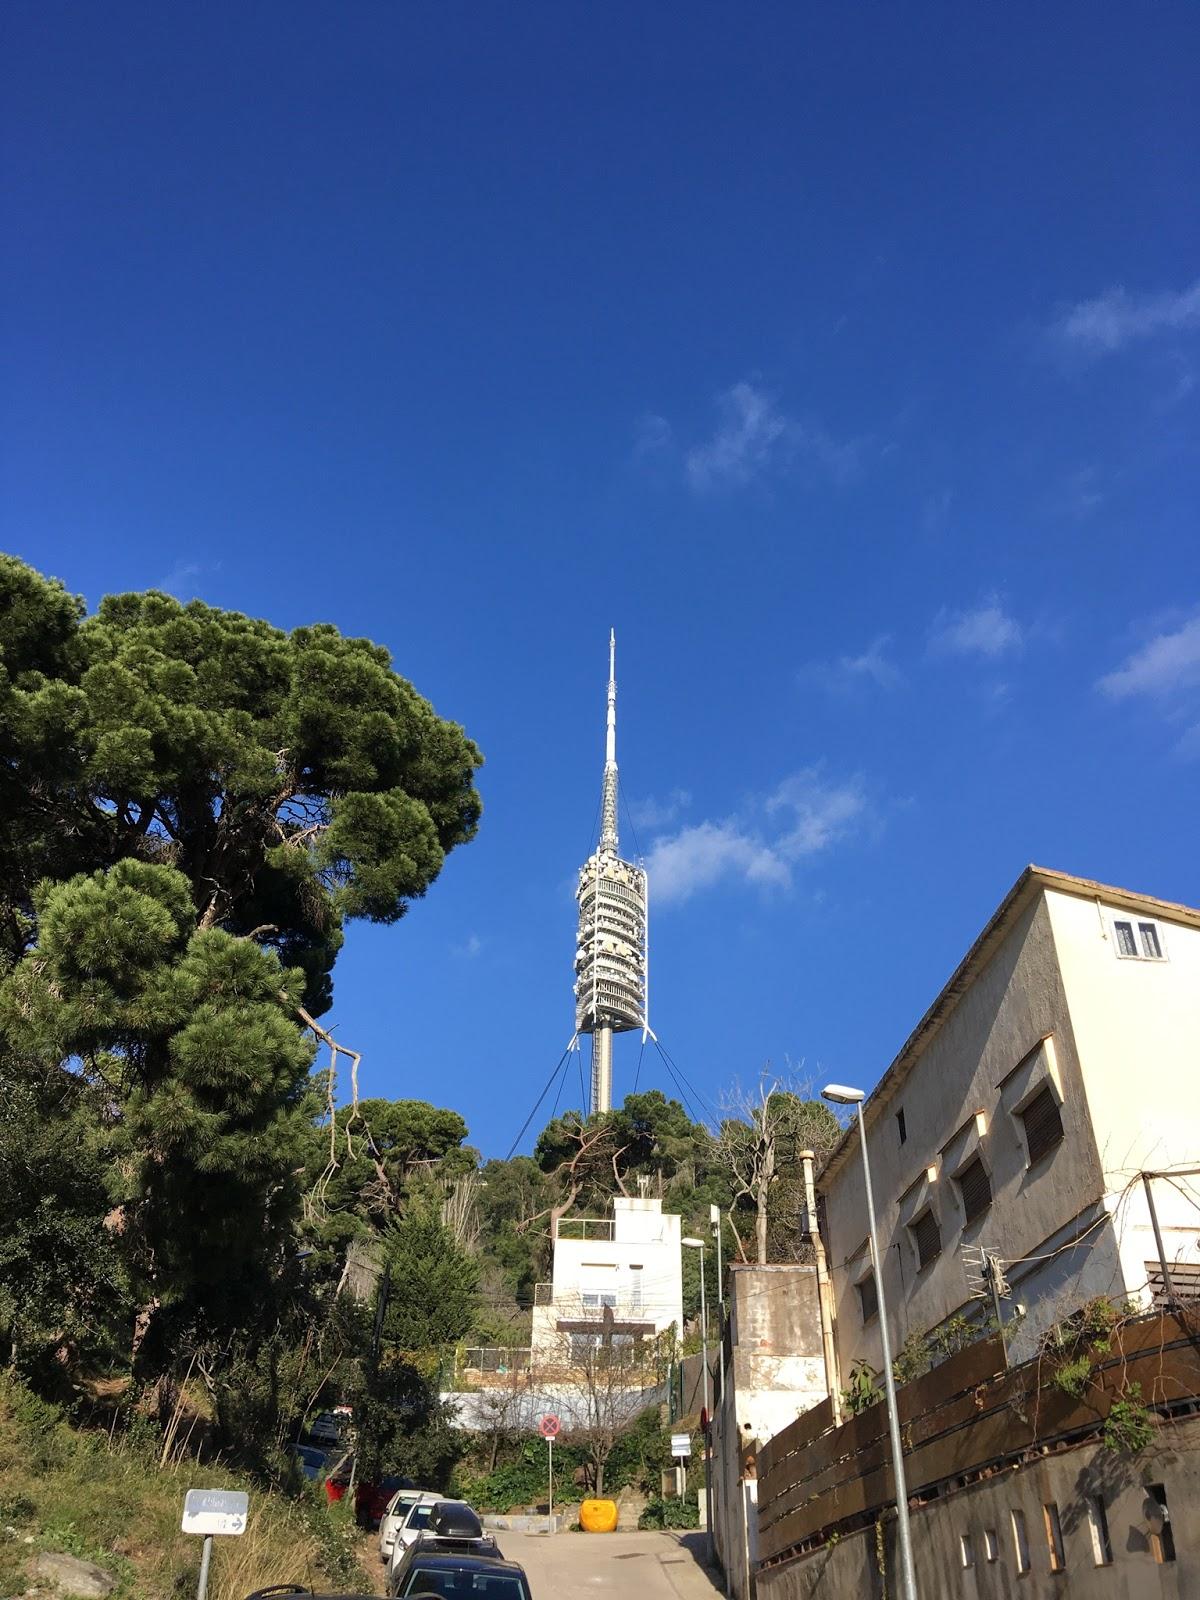 Torre de comunicaciones de Norman Foster